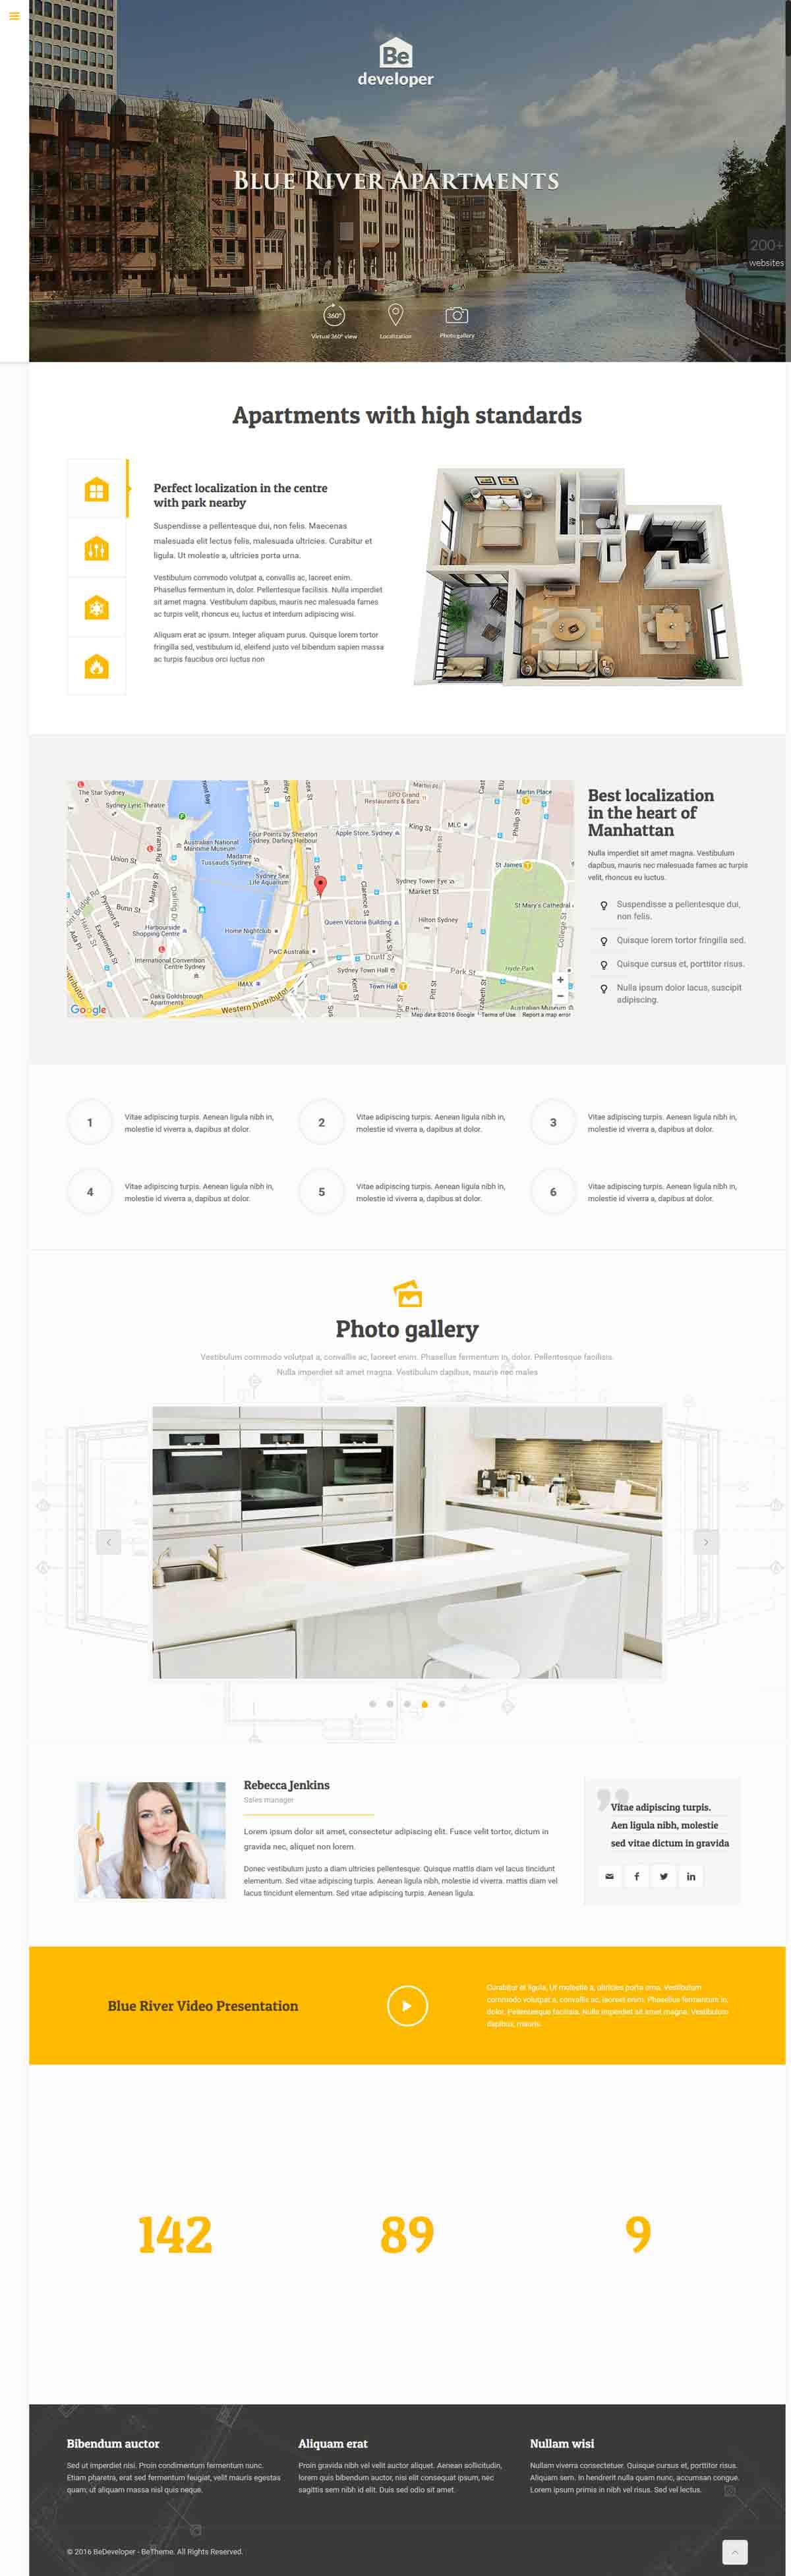 طراحی وب سایت ساخت و ساز